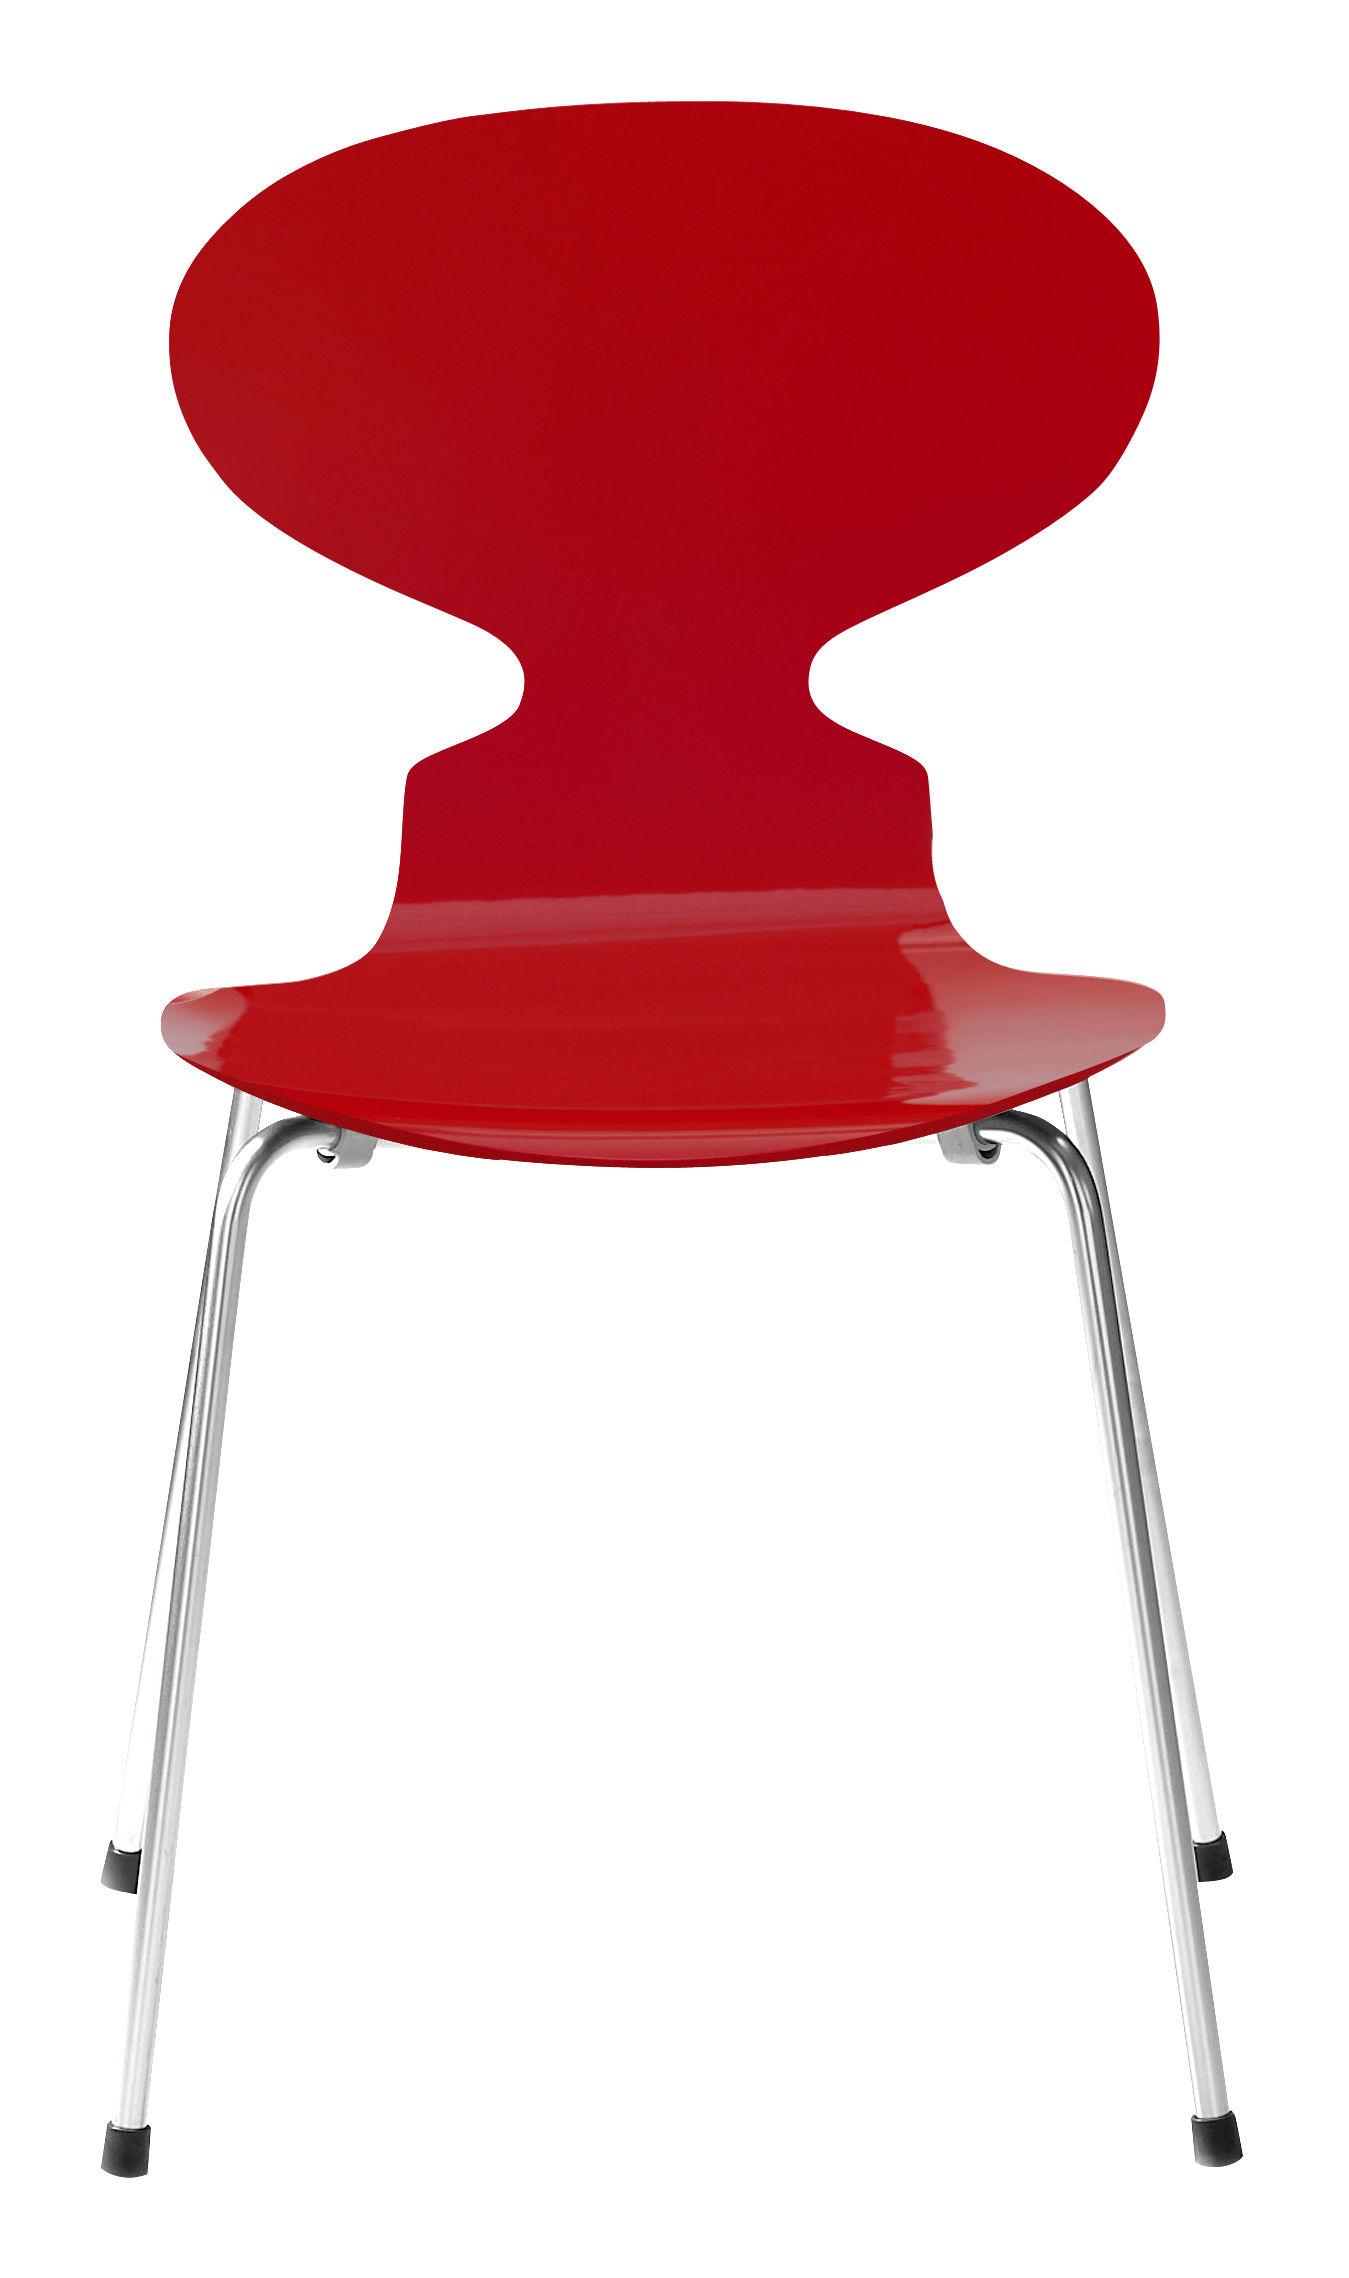 chaise fourmi 4 pieds bois laqu laqu rouge fritz hansen. Black Bedroom Furniture Sets. Home Design Ideas